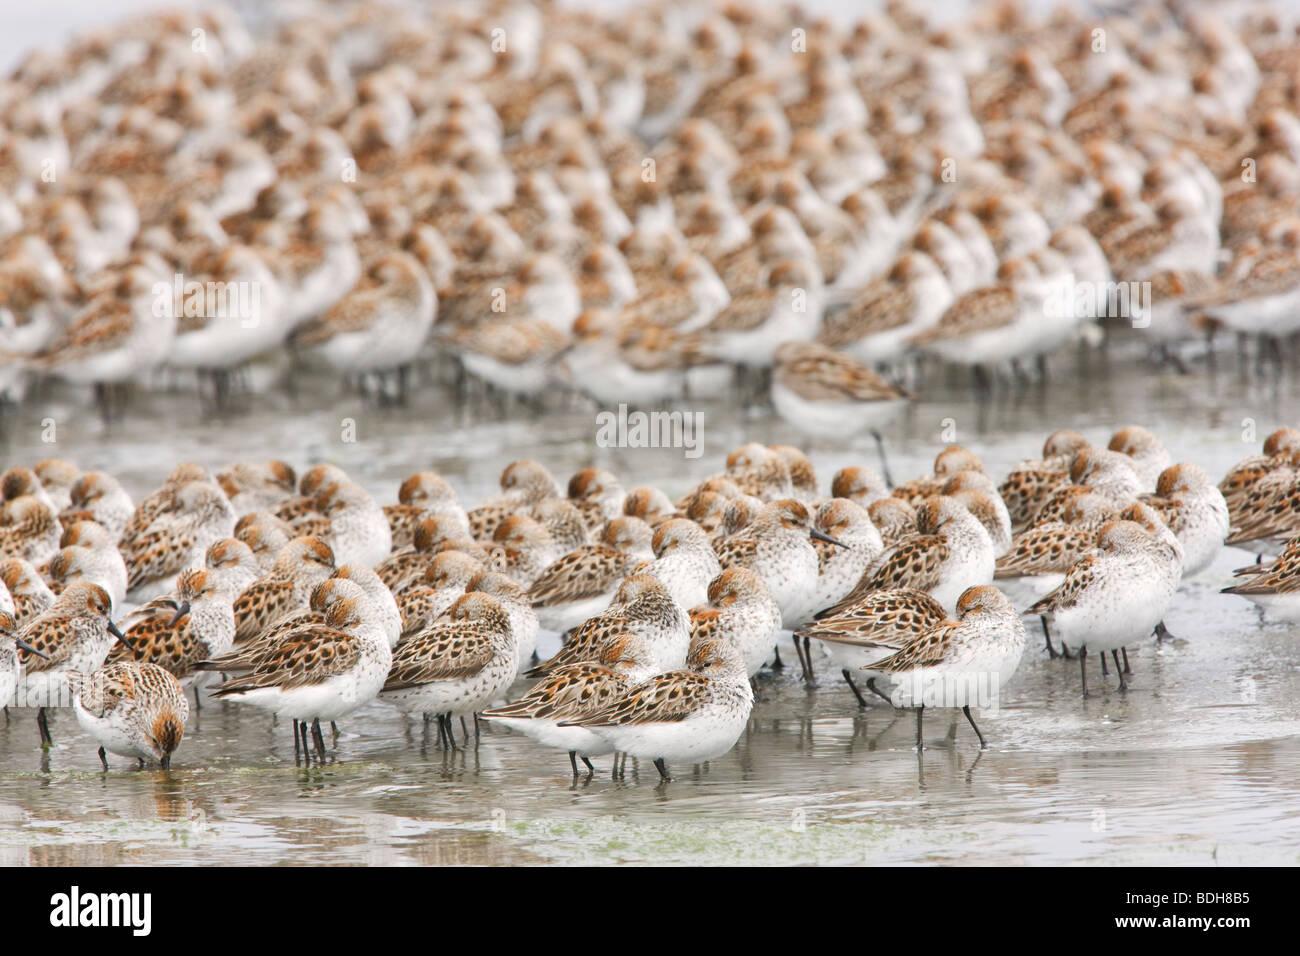 Shorebird migration, primarily western sandpipers, Copper River Delta, near Cordova, Alaska. - Stock Image